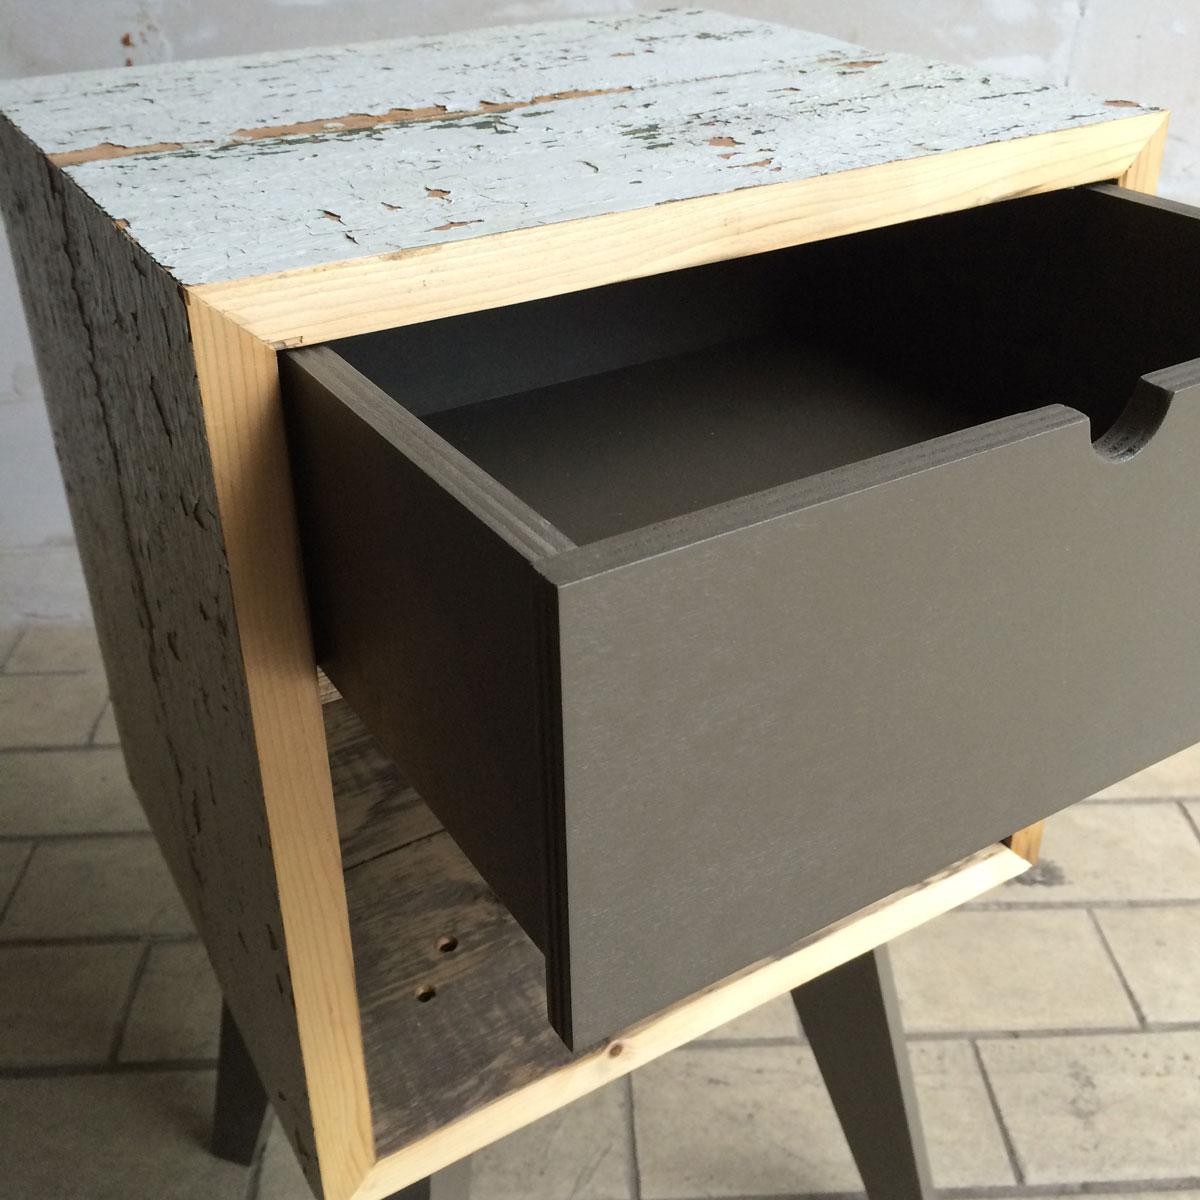 Recycle-kastje_6414